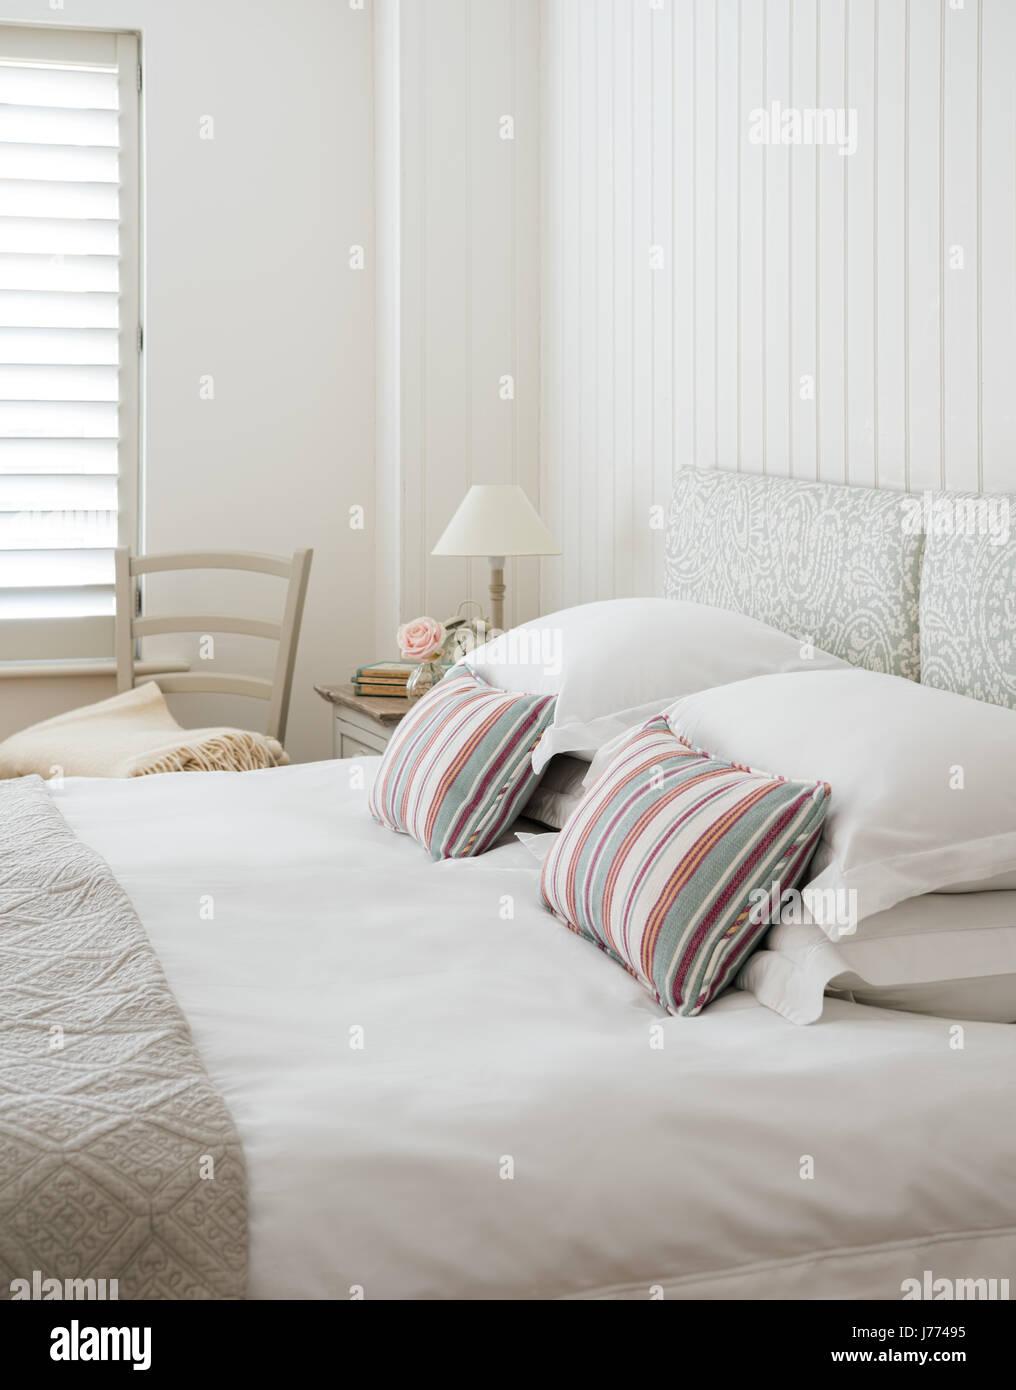 Stripey cojines hechos en Clarke & Clarke's Mitra tejido en Sage en cama con cabecero de Paisley. Imagen De Stock